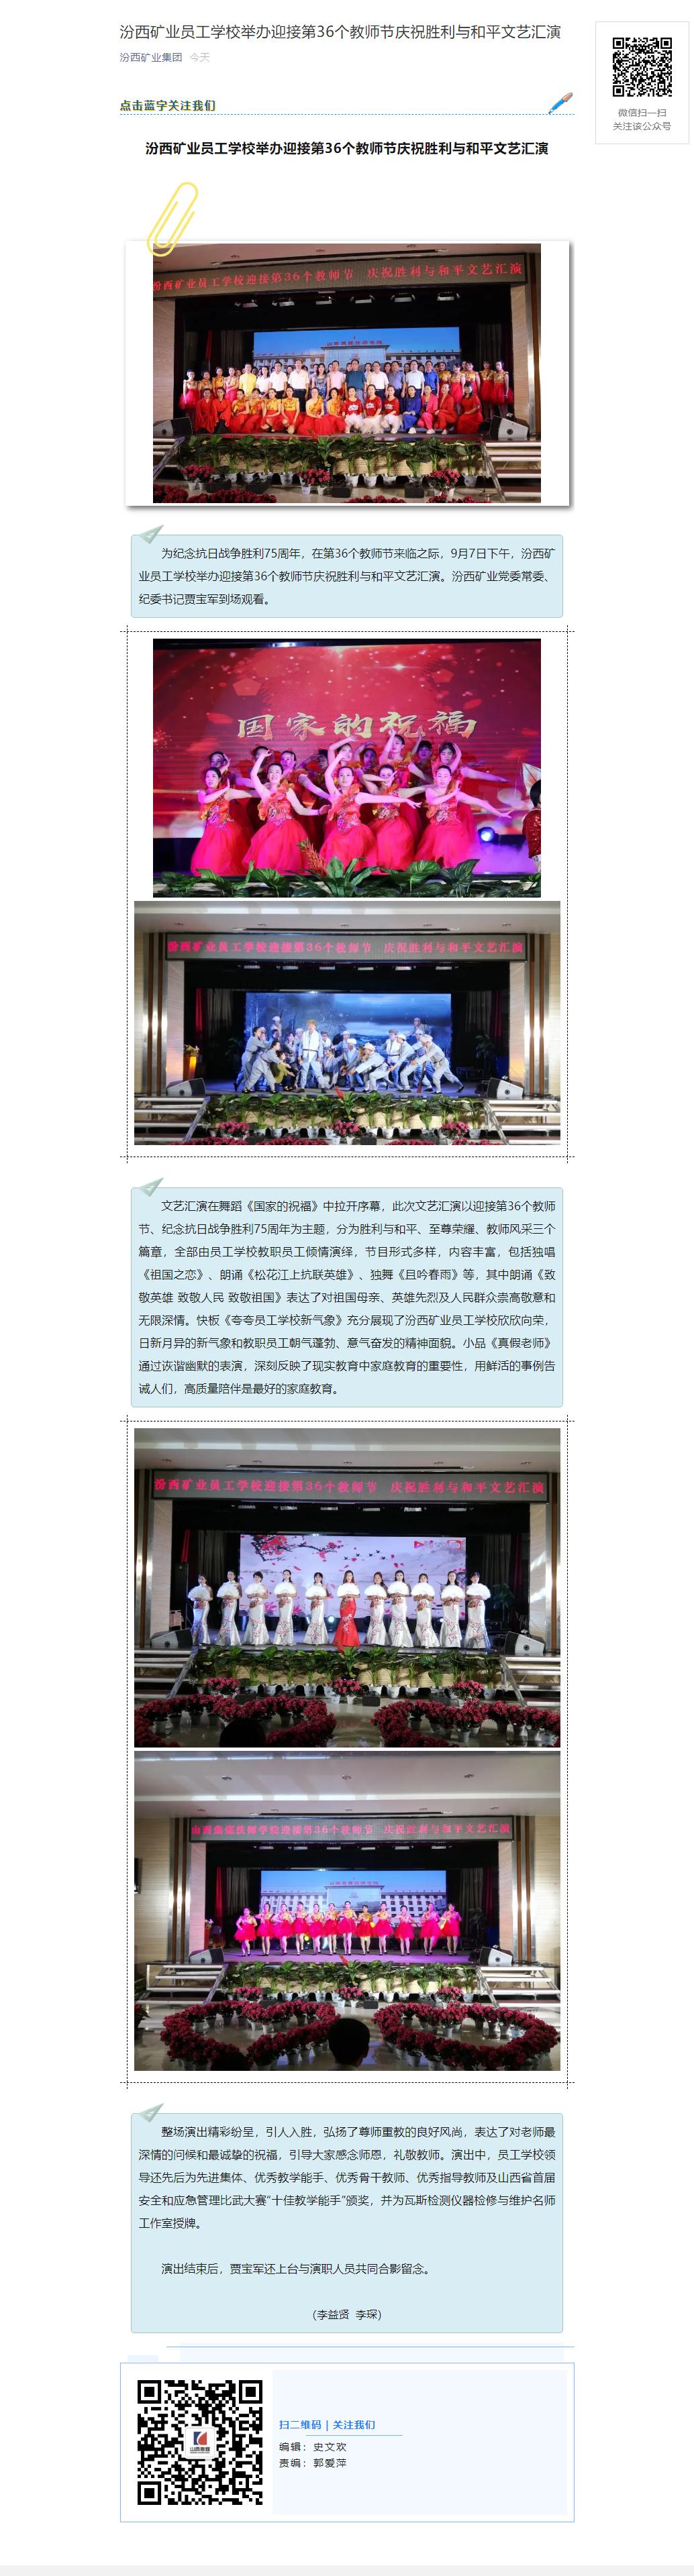 汾西矿业员工学校举办迎接第36个教师节庆祝胜利与和平文艺汇演.png